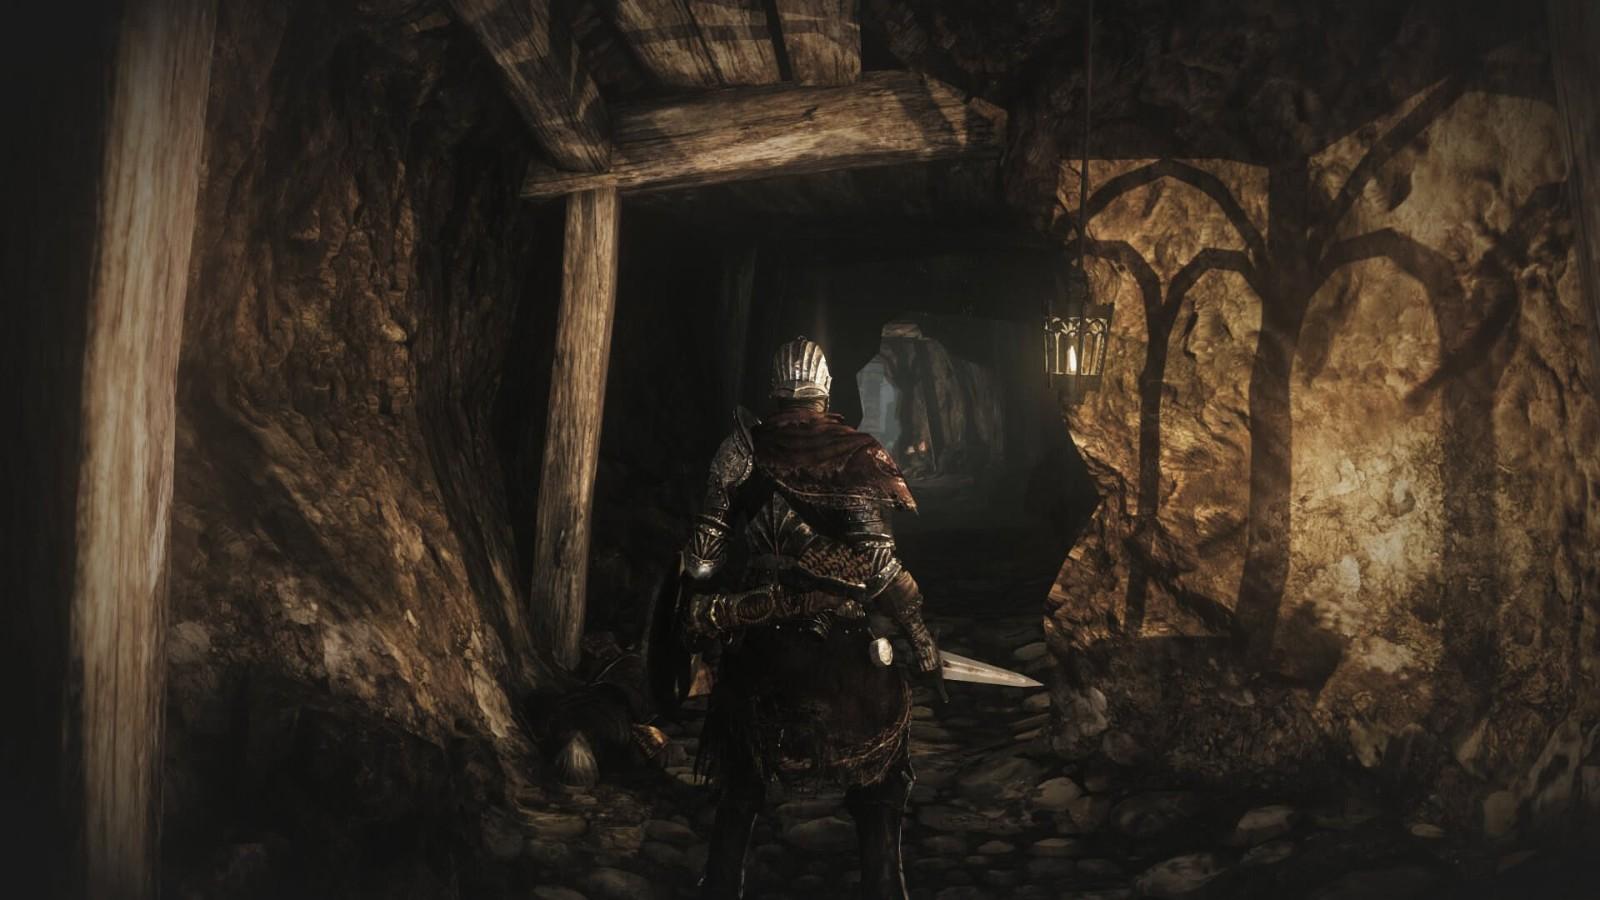 《黑暗之魂2》光影重制Mod新截图 光影效果改善